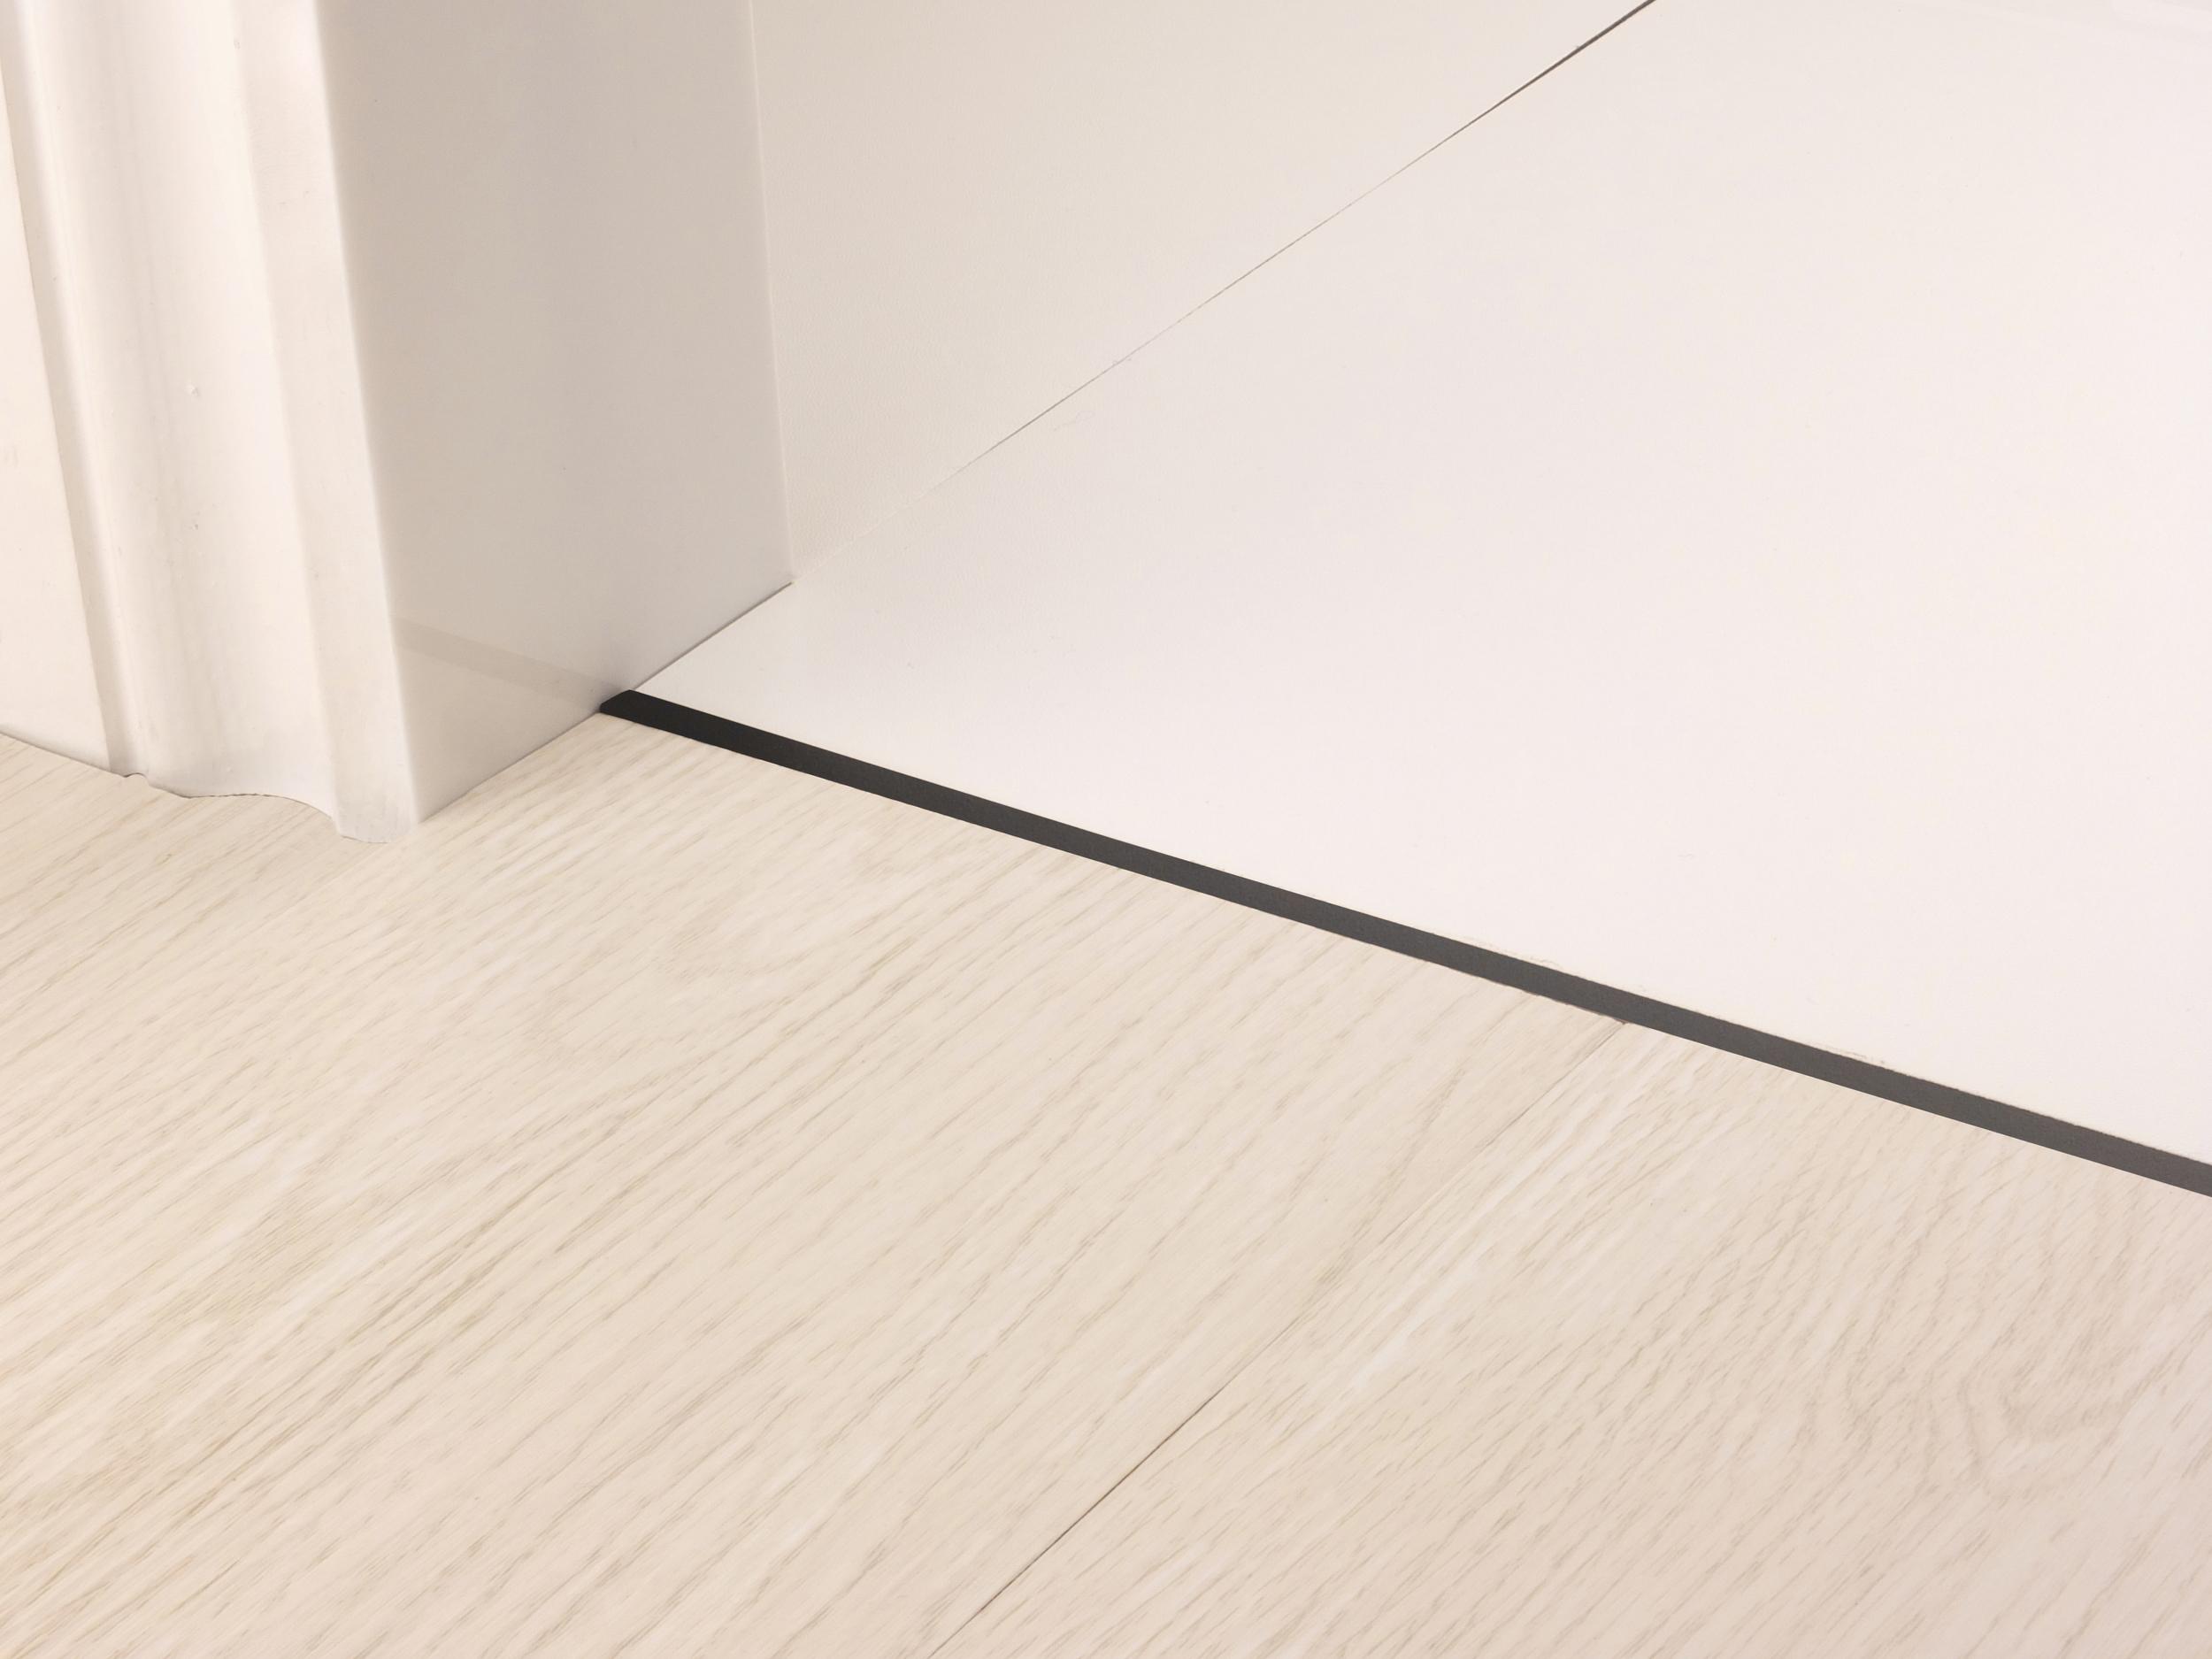 stairrods-doorbar-black-divider-HFHF.jpg